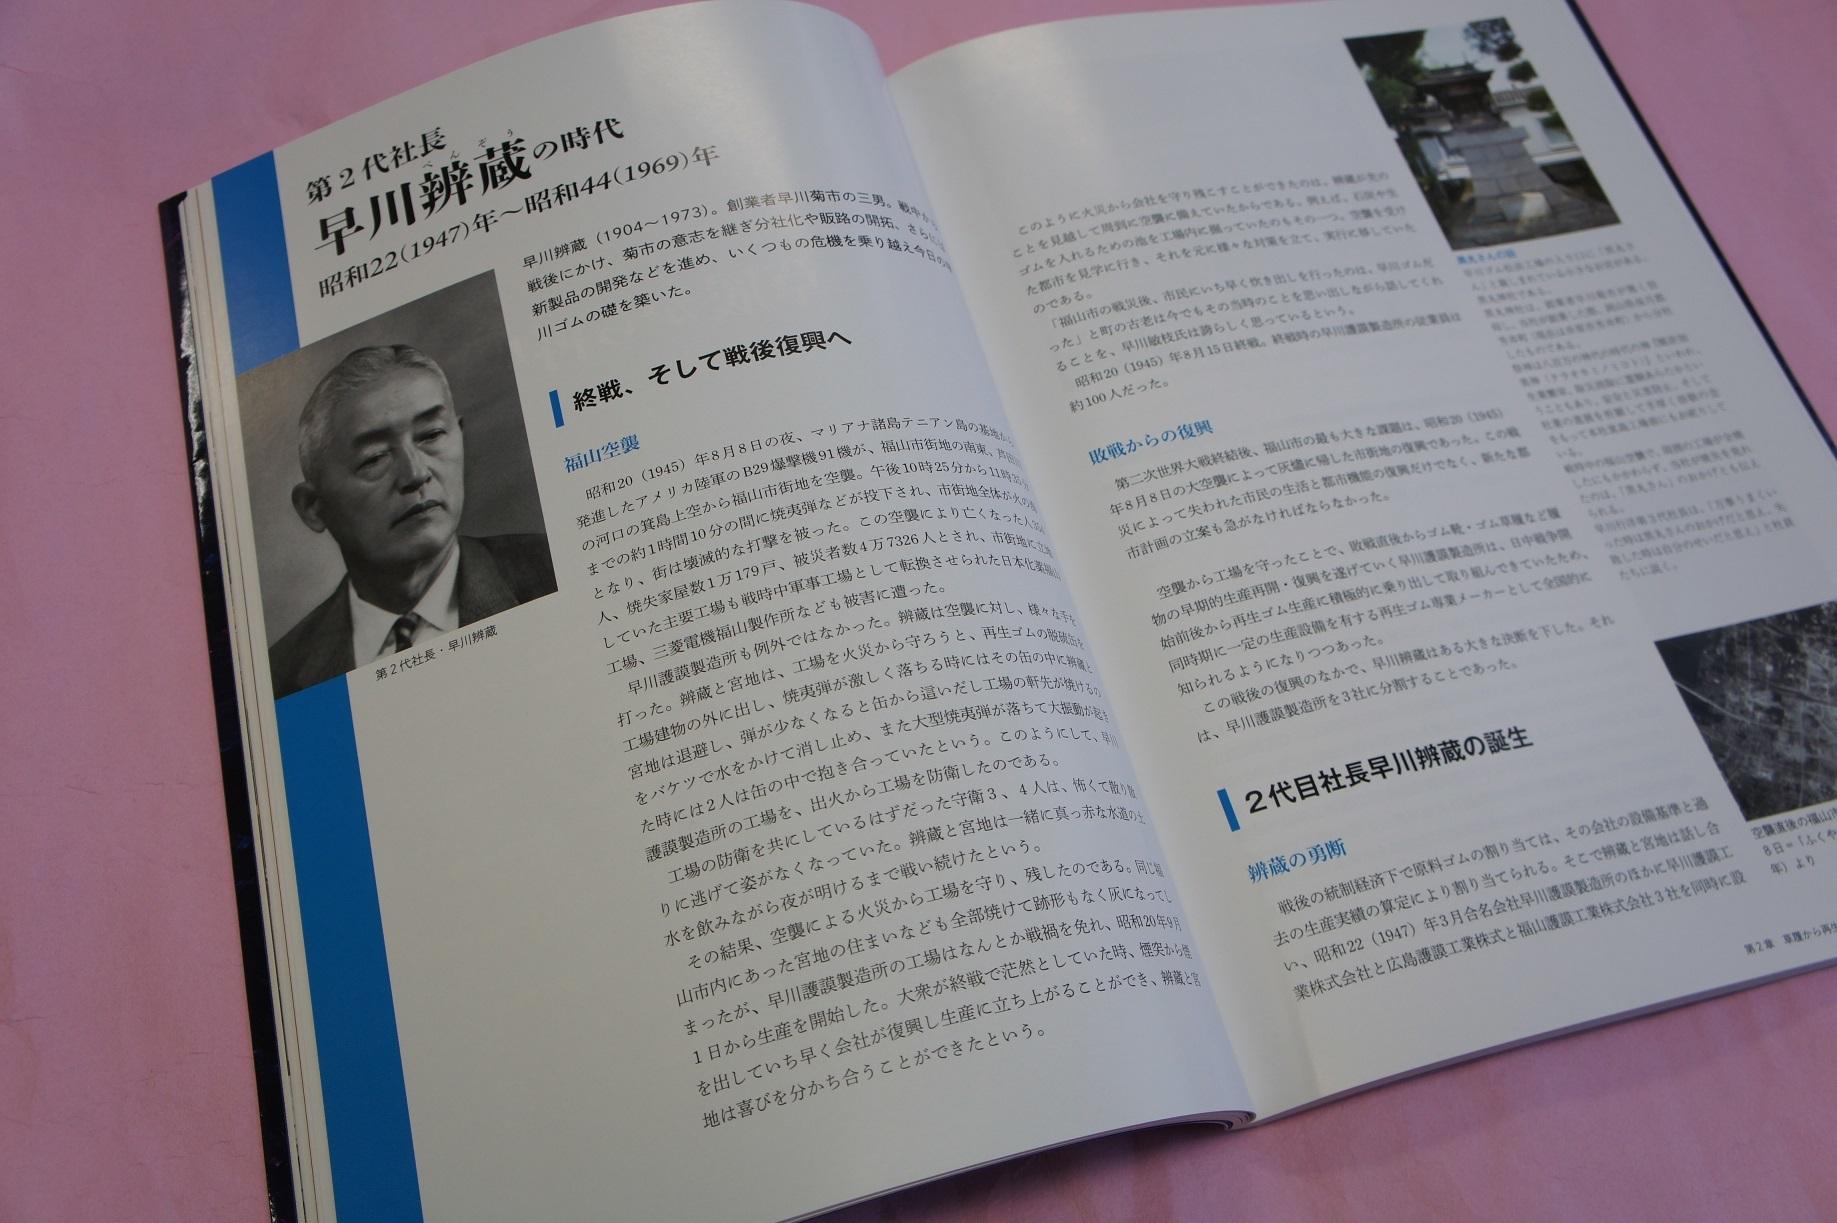 早川naka